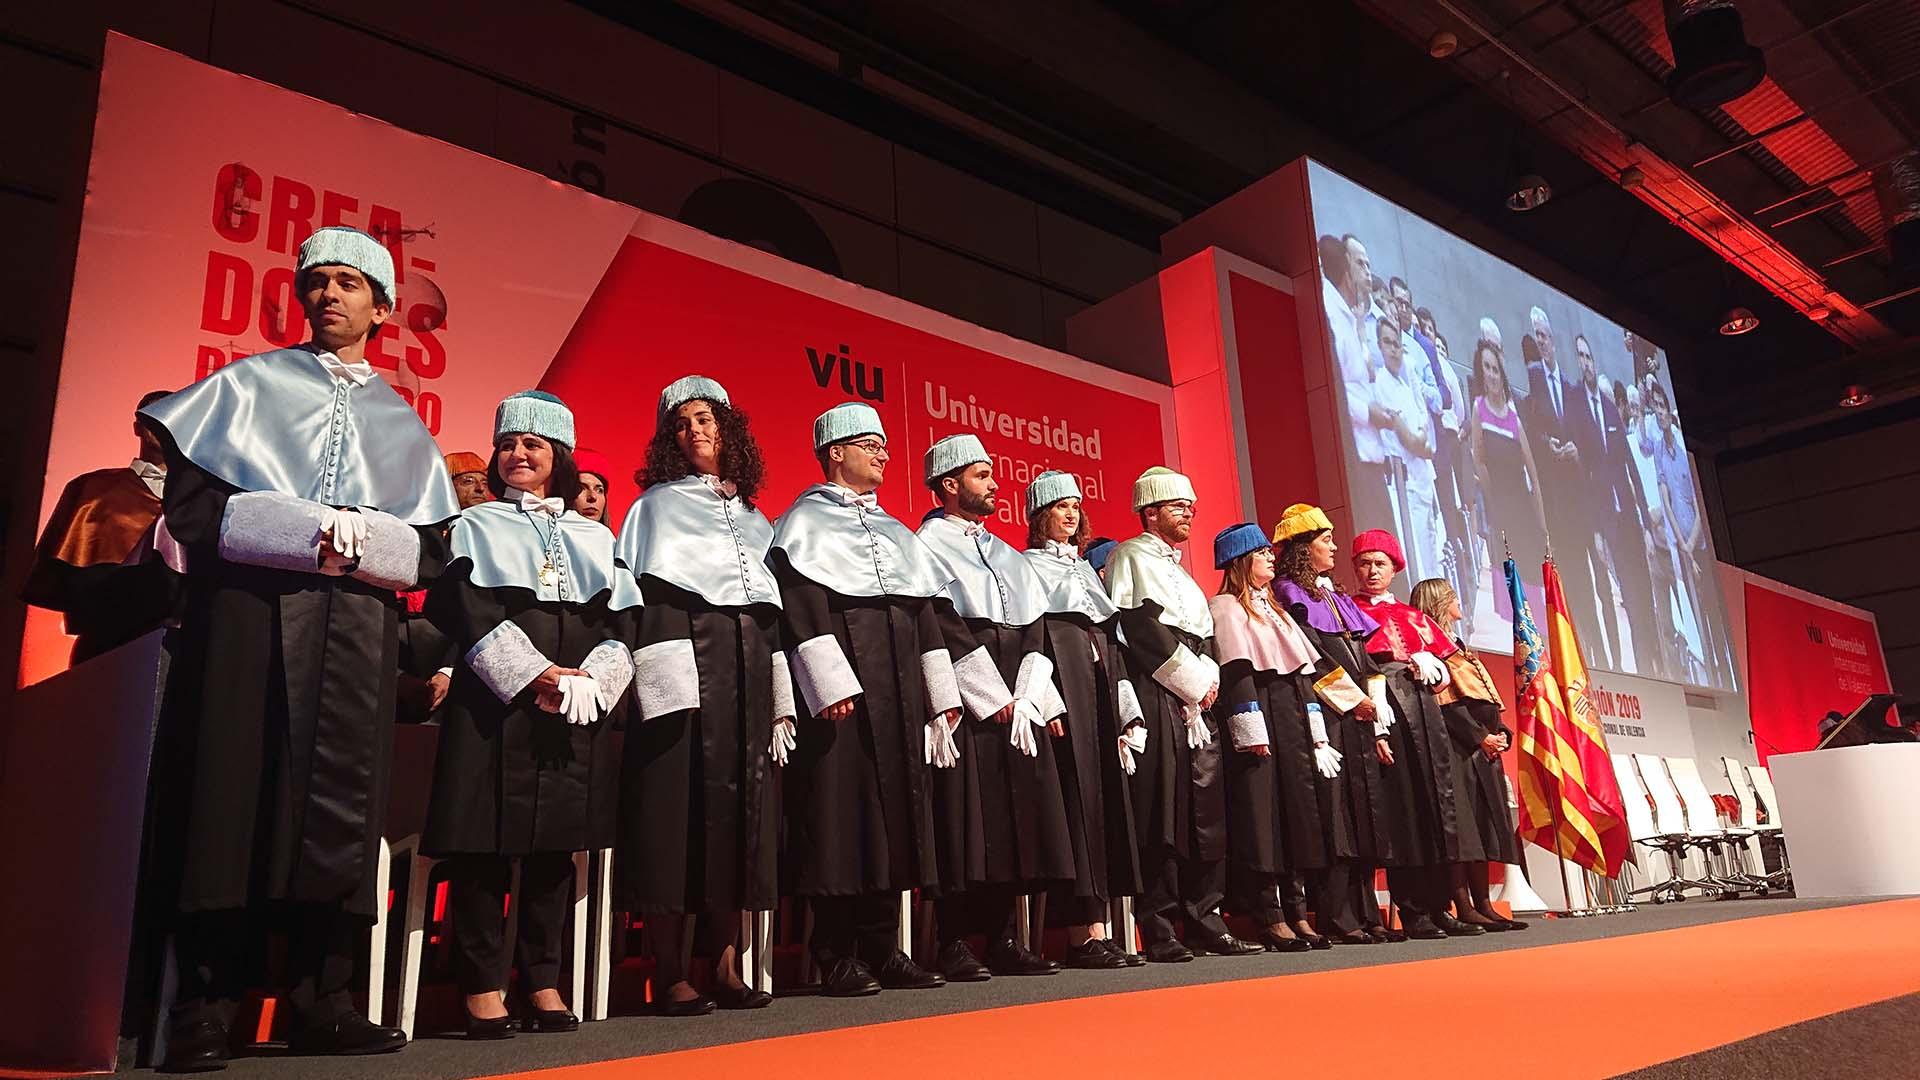 Evento graduación VIU. Entrega diplomas